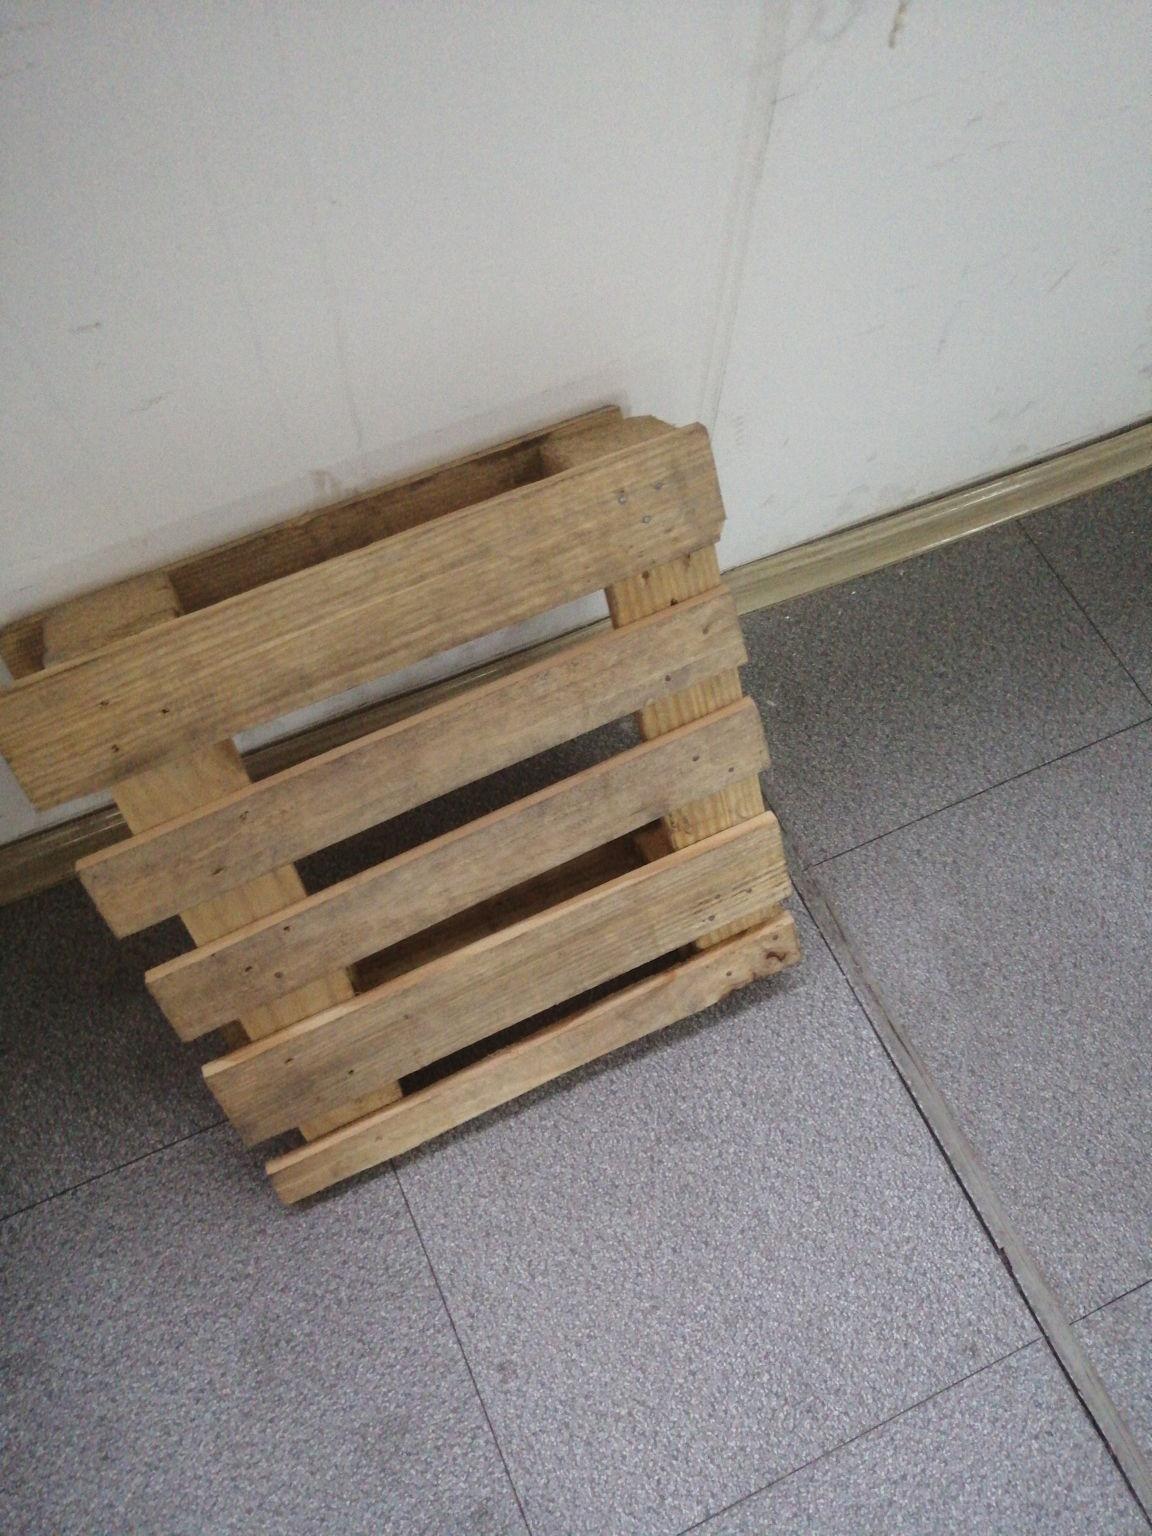 杭州订做标准木托盘供应商在湖?,➴ℛ?十堰、临沂等地